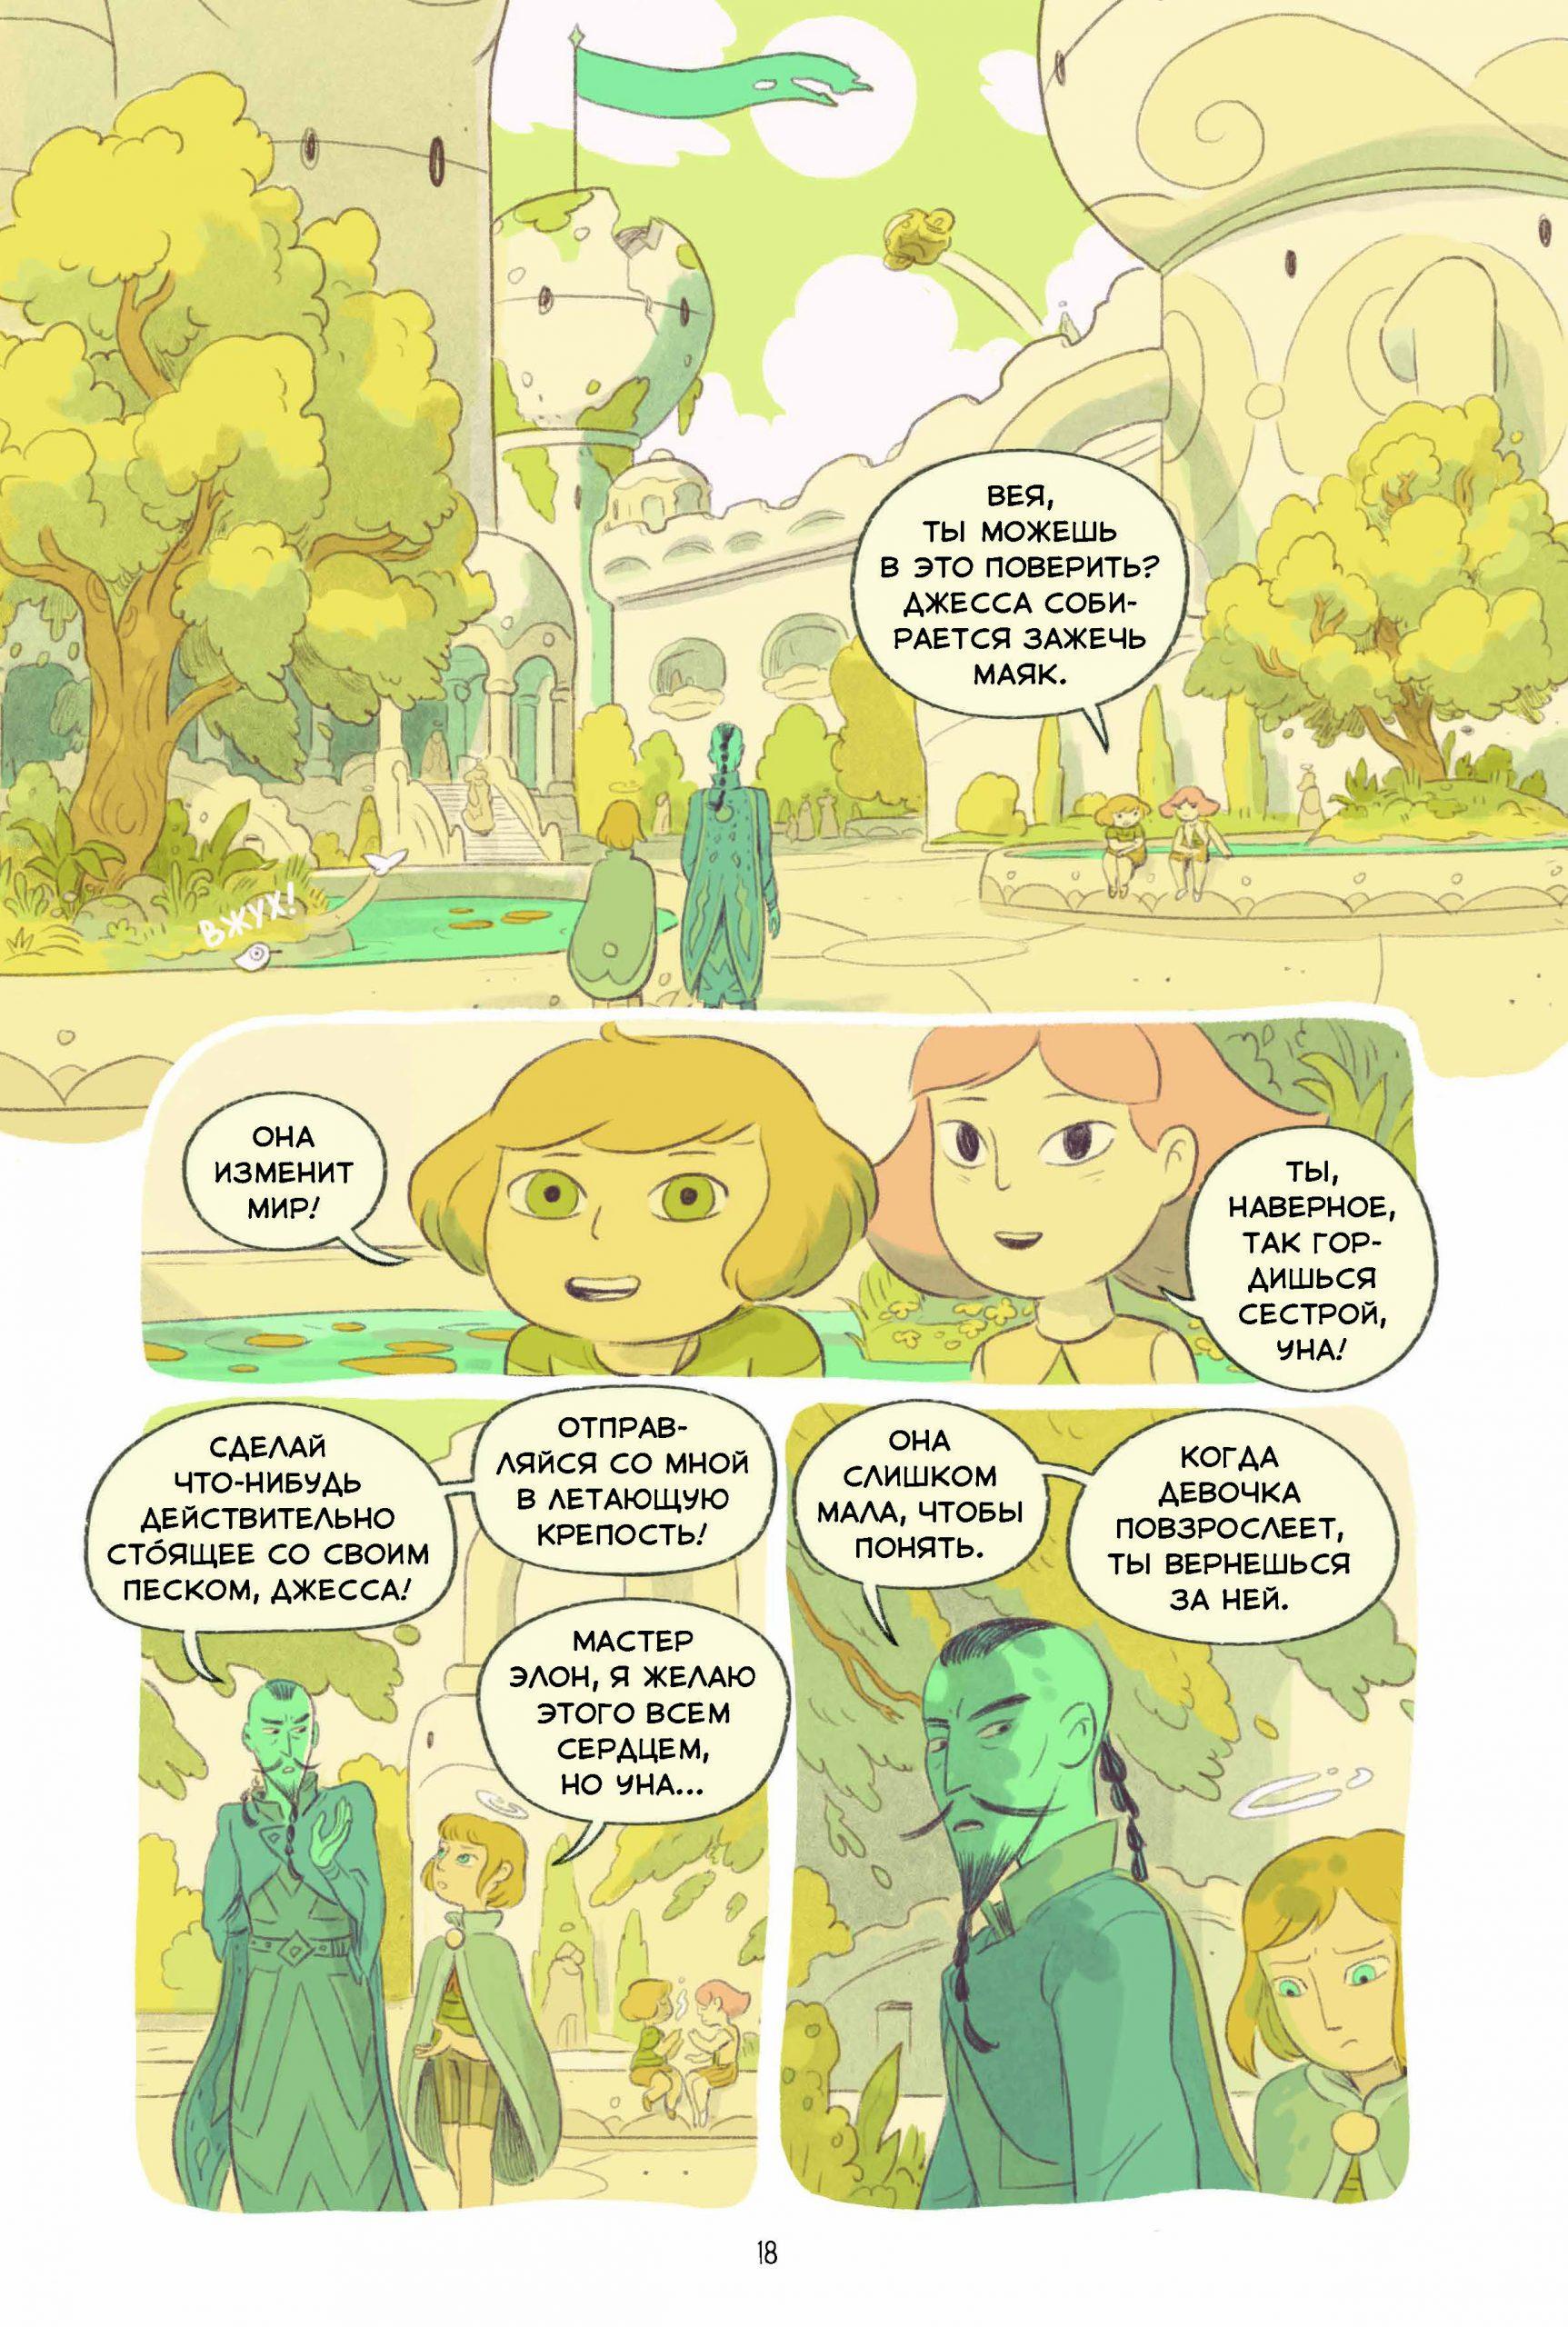 Пять миров. Том 2. Принц Кобальта. Отрывок из комикса 13